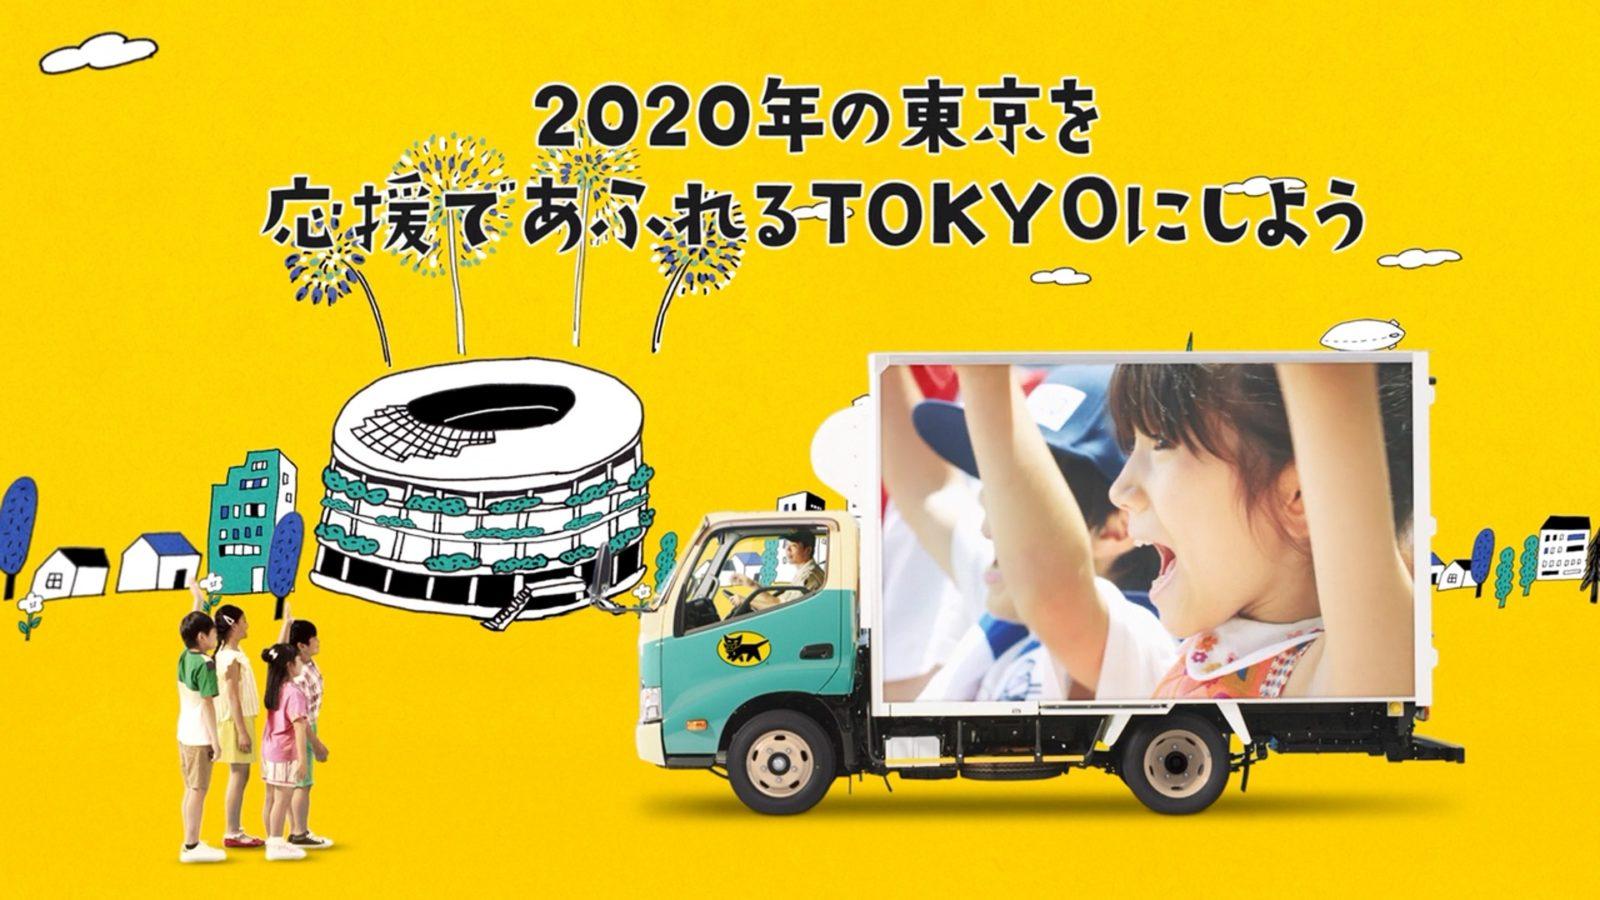 ヤマト運輸東京 2020大会